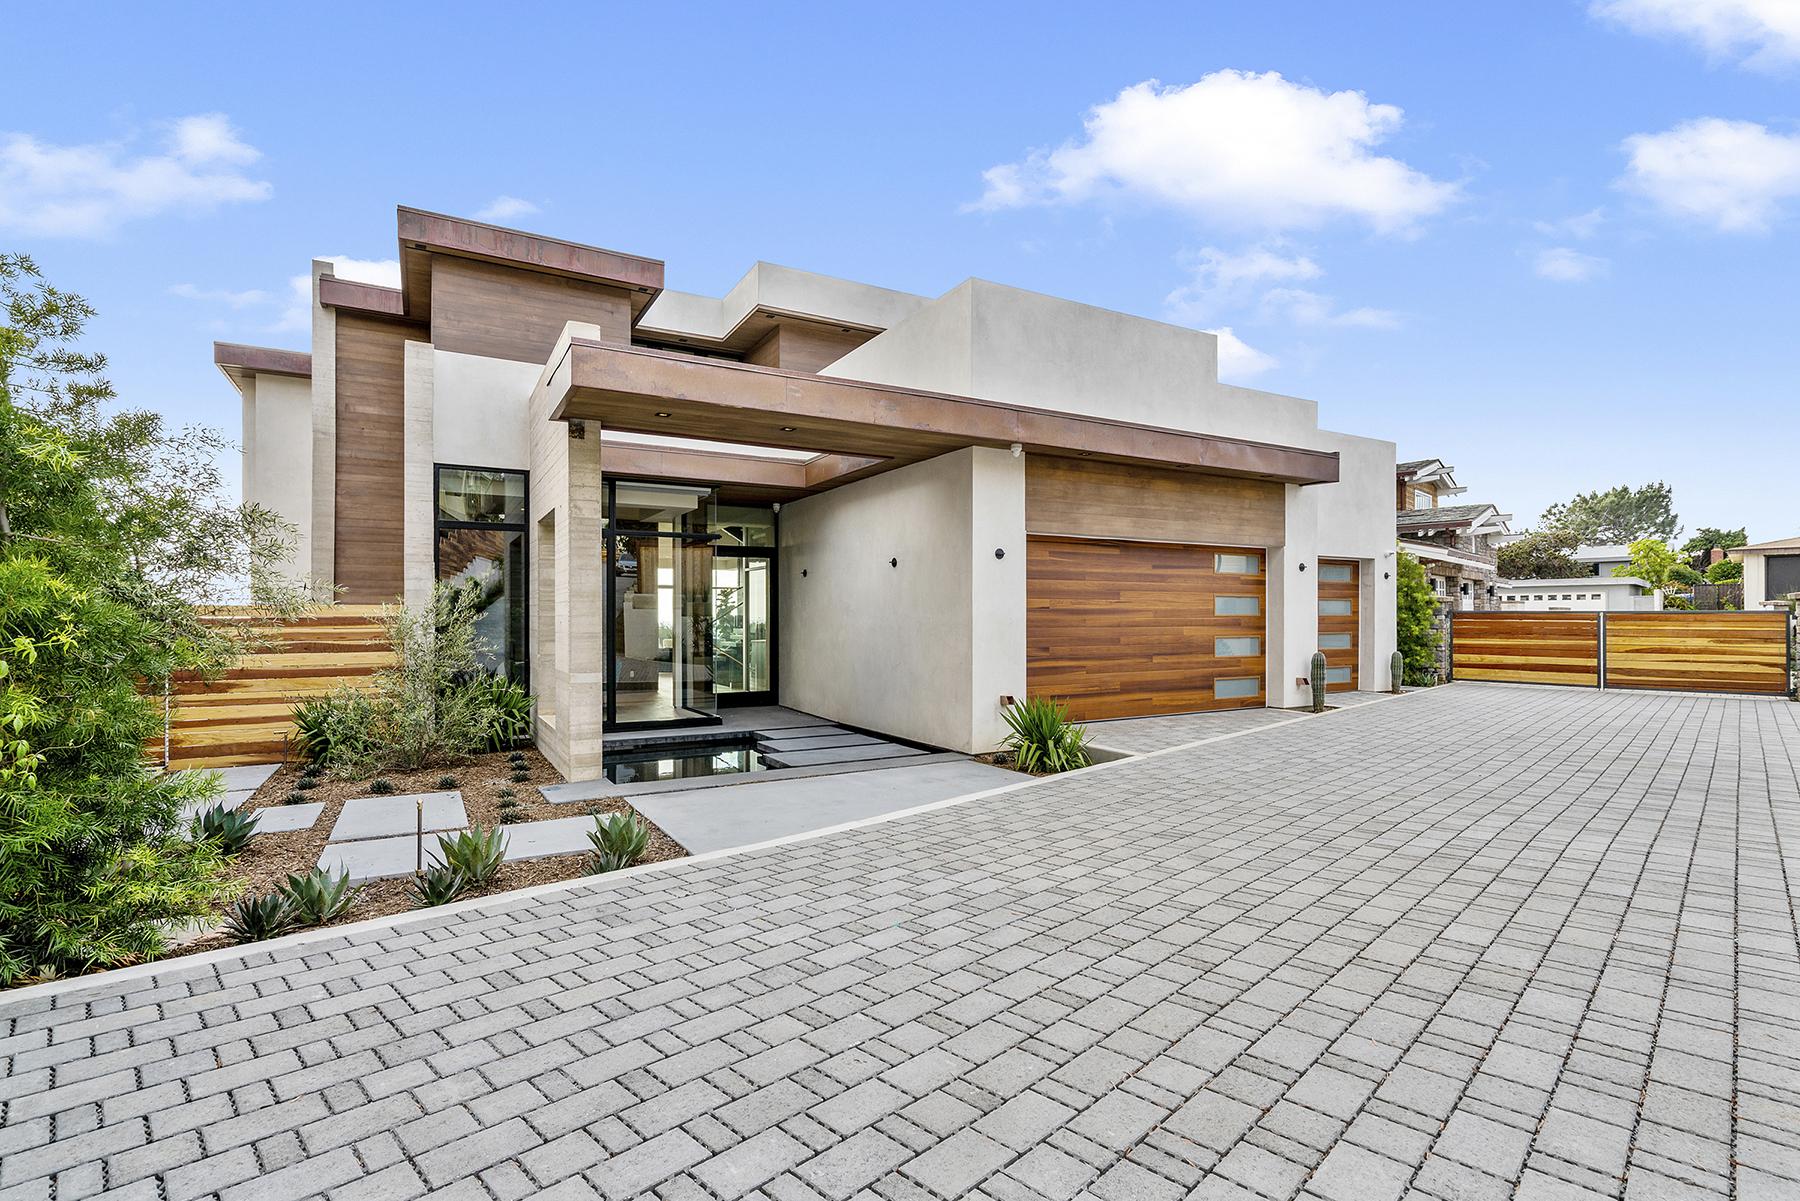 Del Mar Blufftop Modern